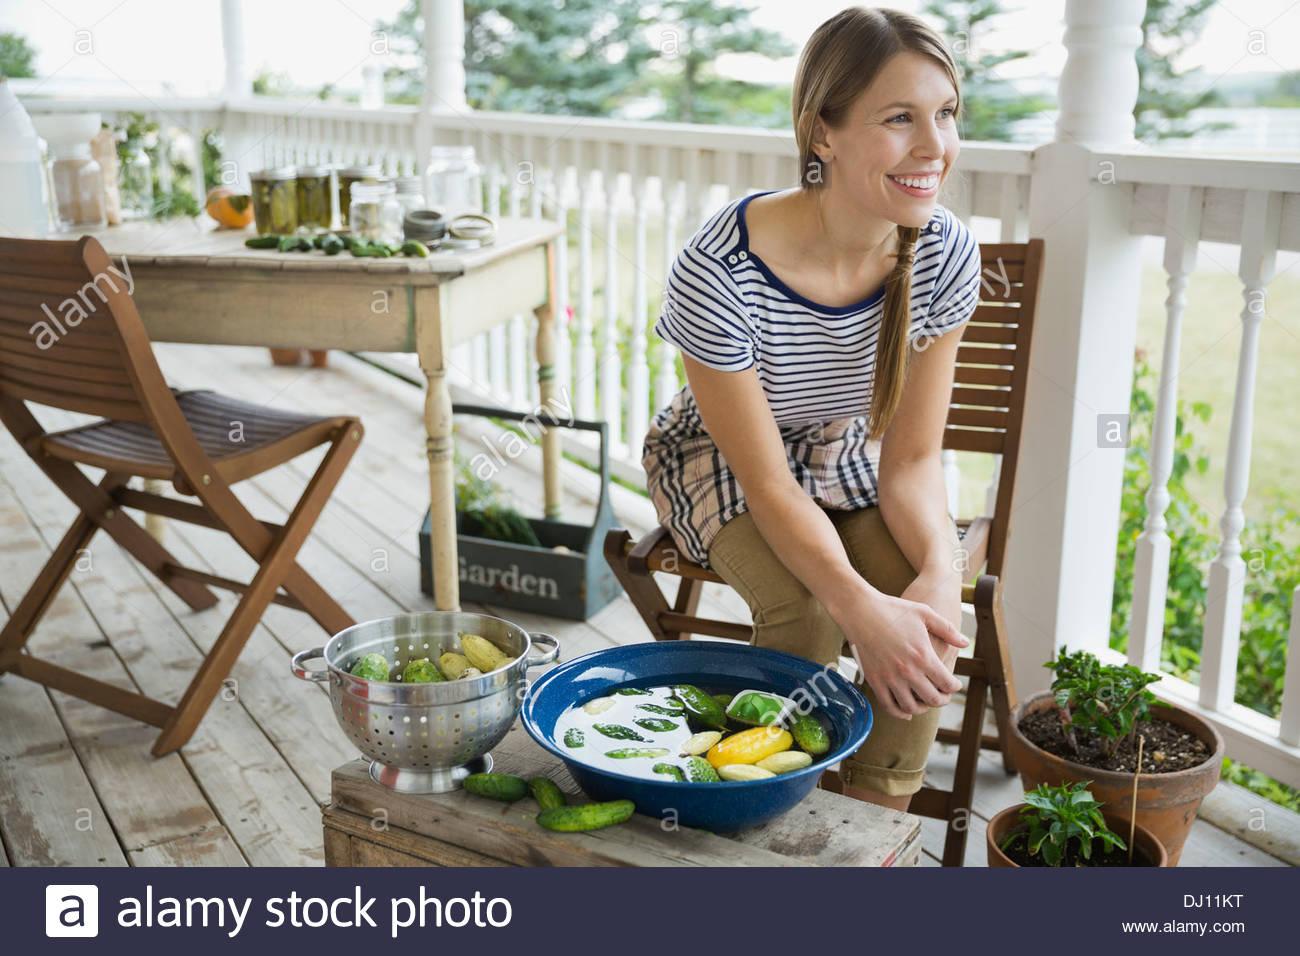 Frau waschen Gemüse auf Veranda Stockbild